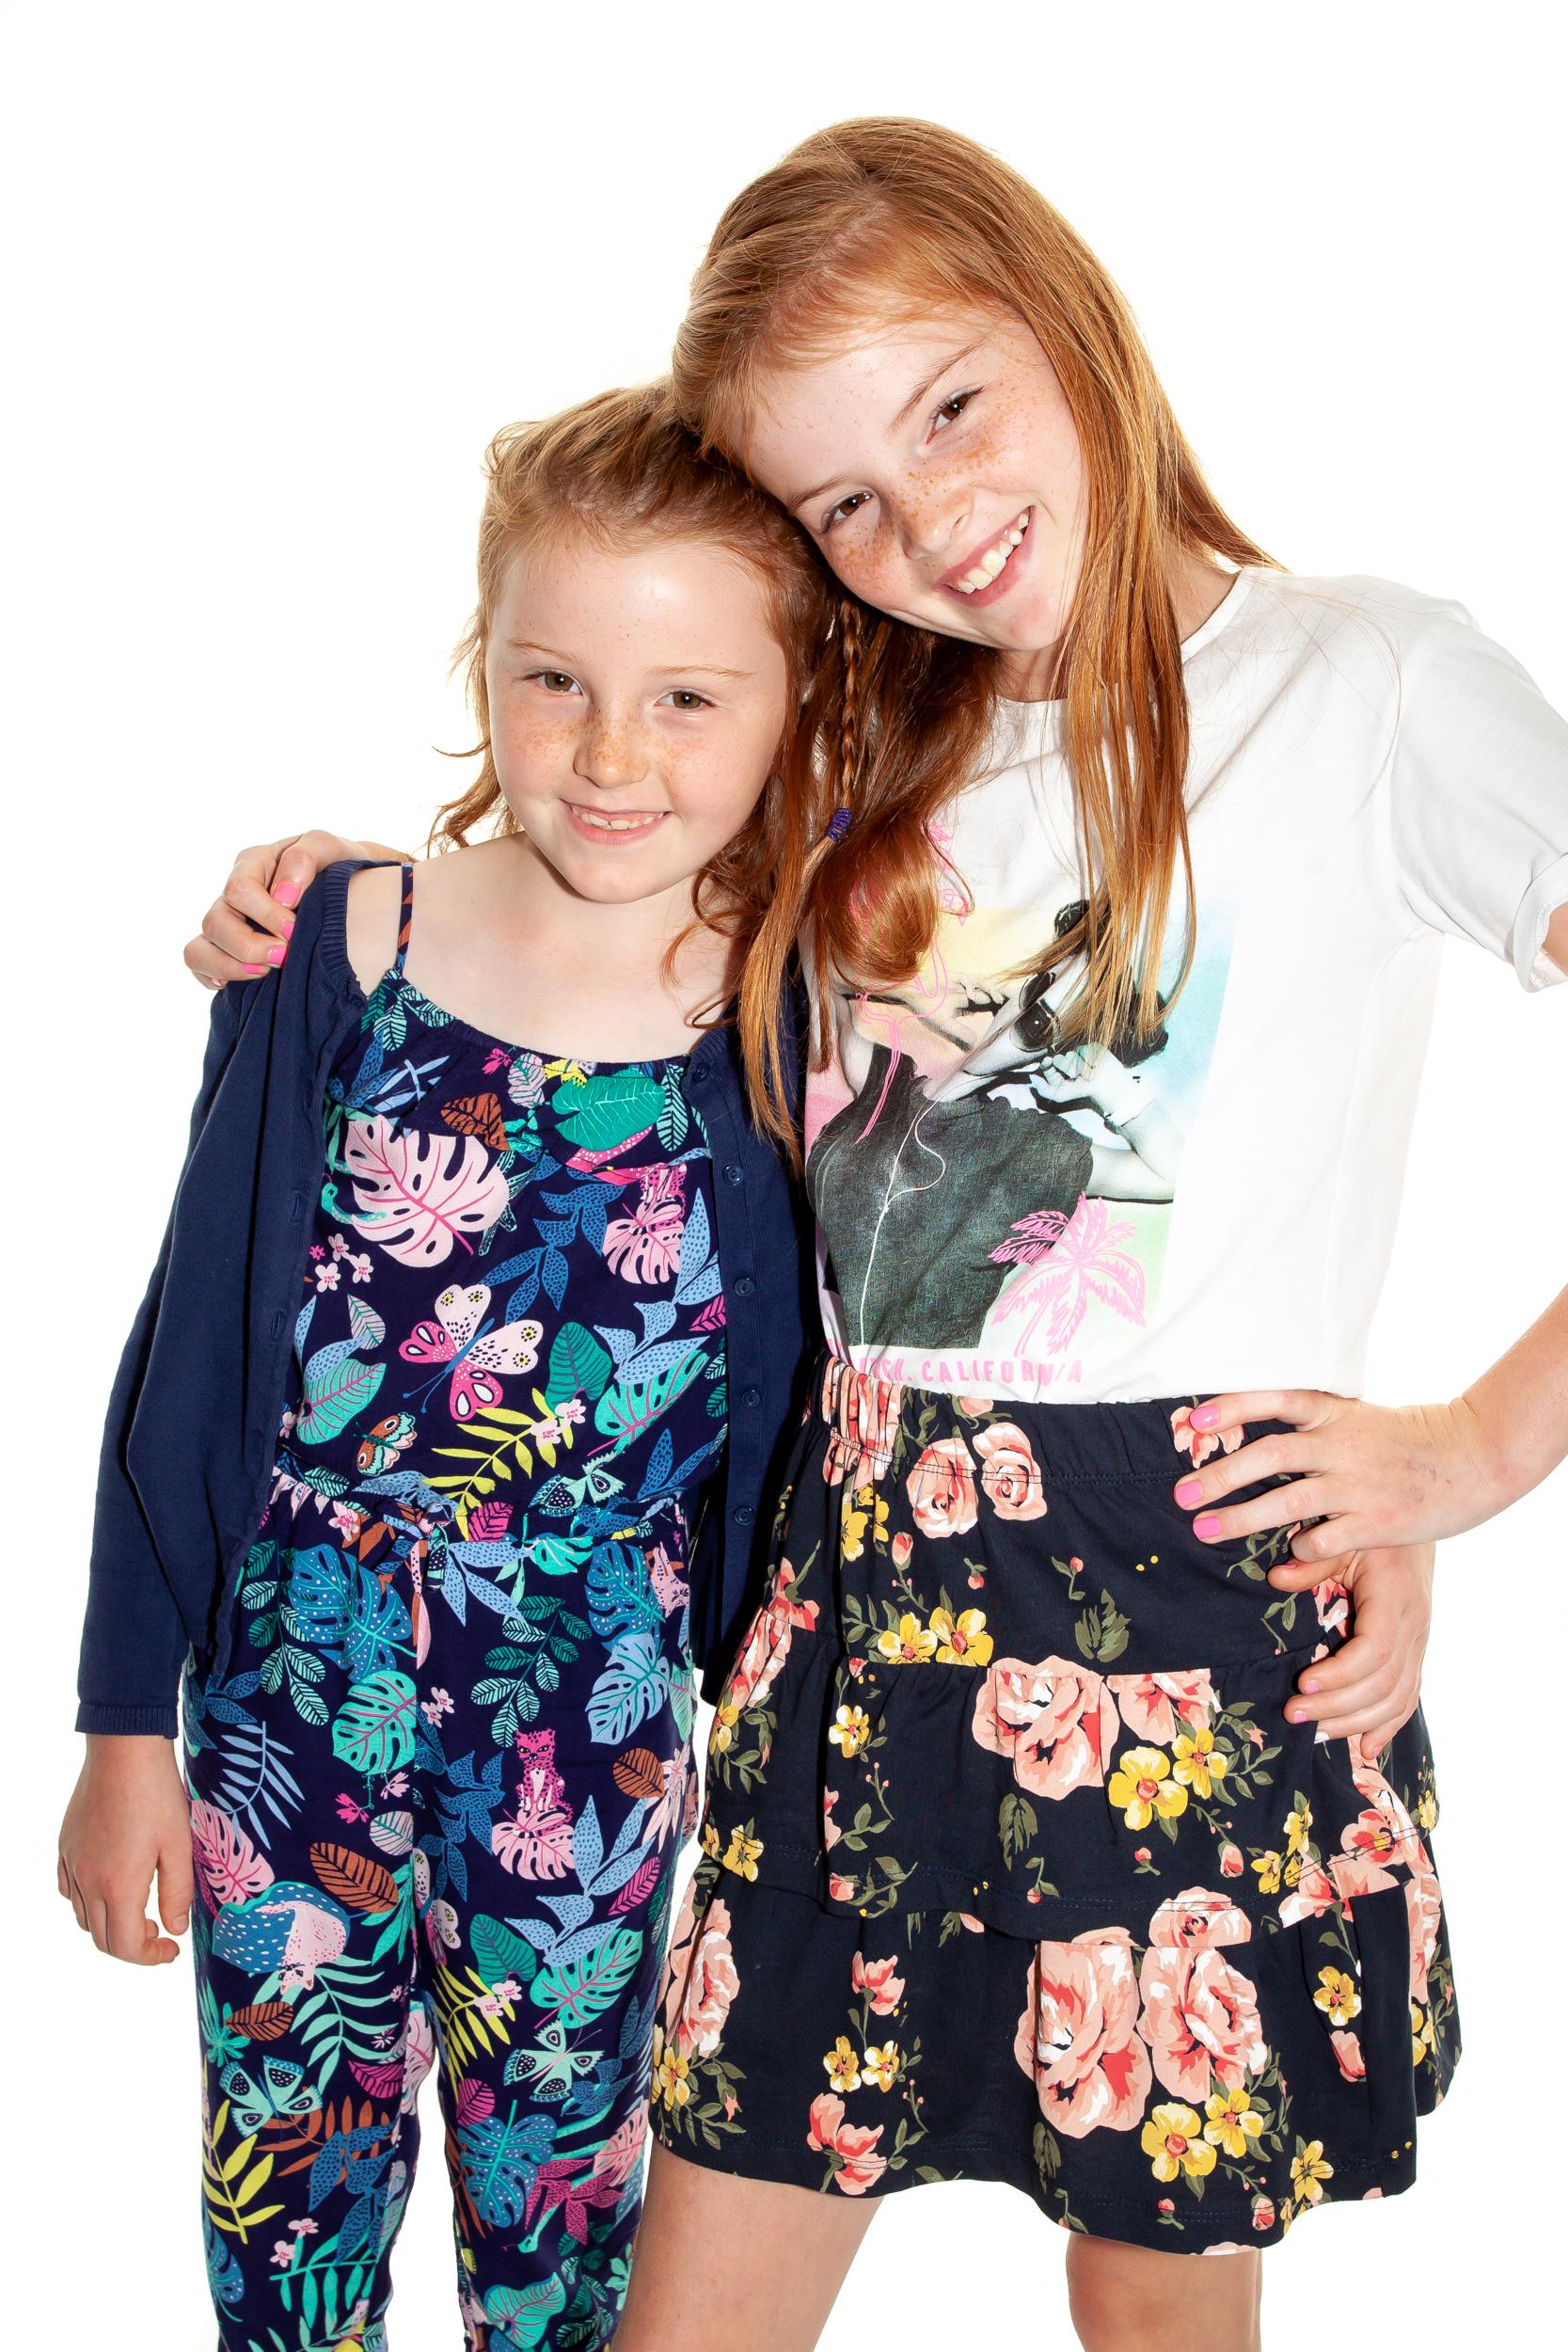 Leah & Kaite Lynch 21.02.09.jpg